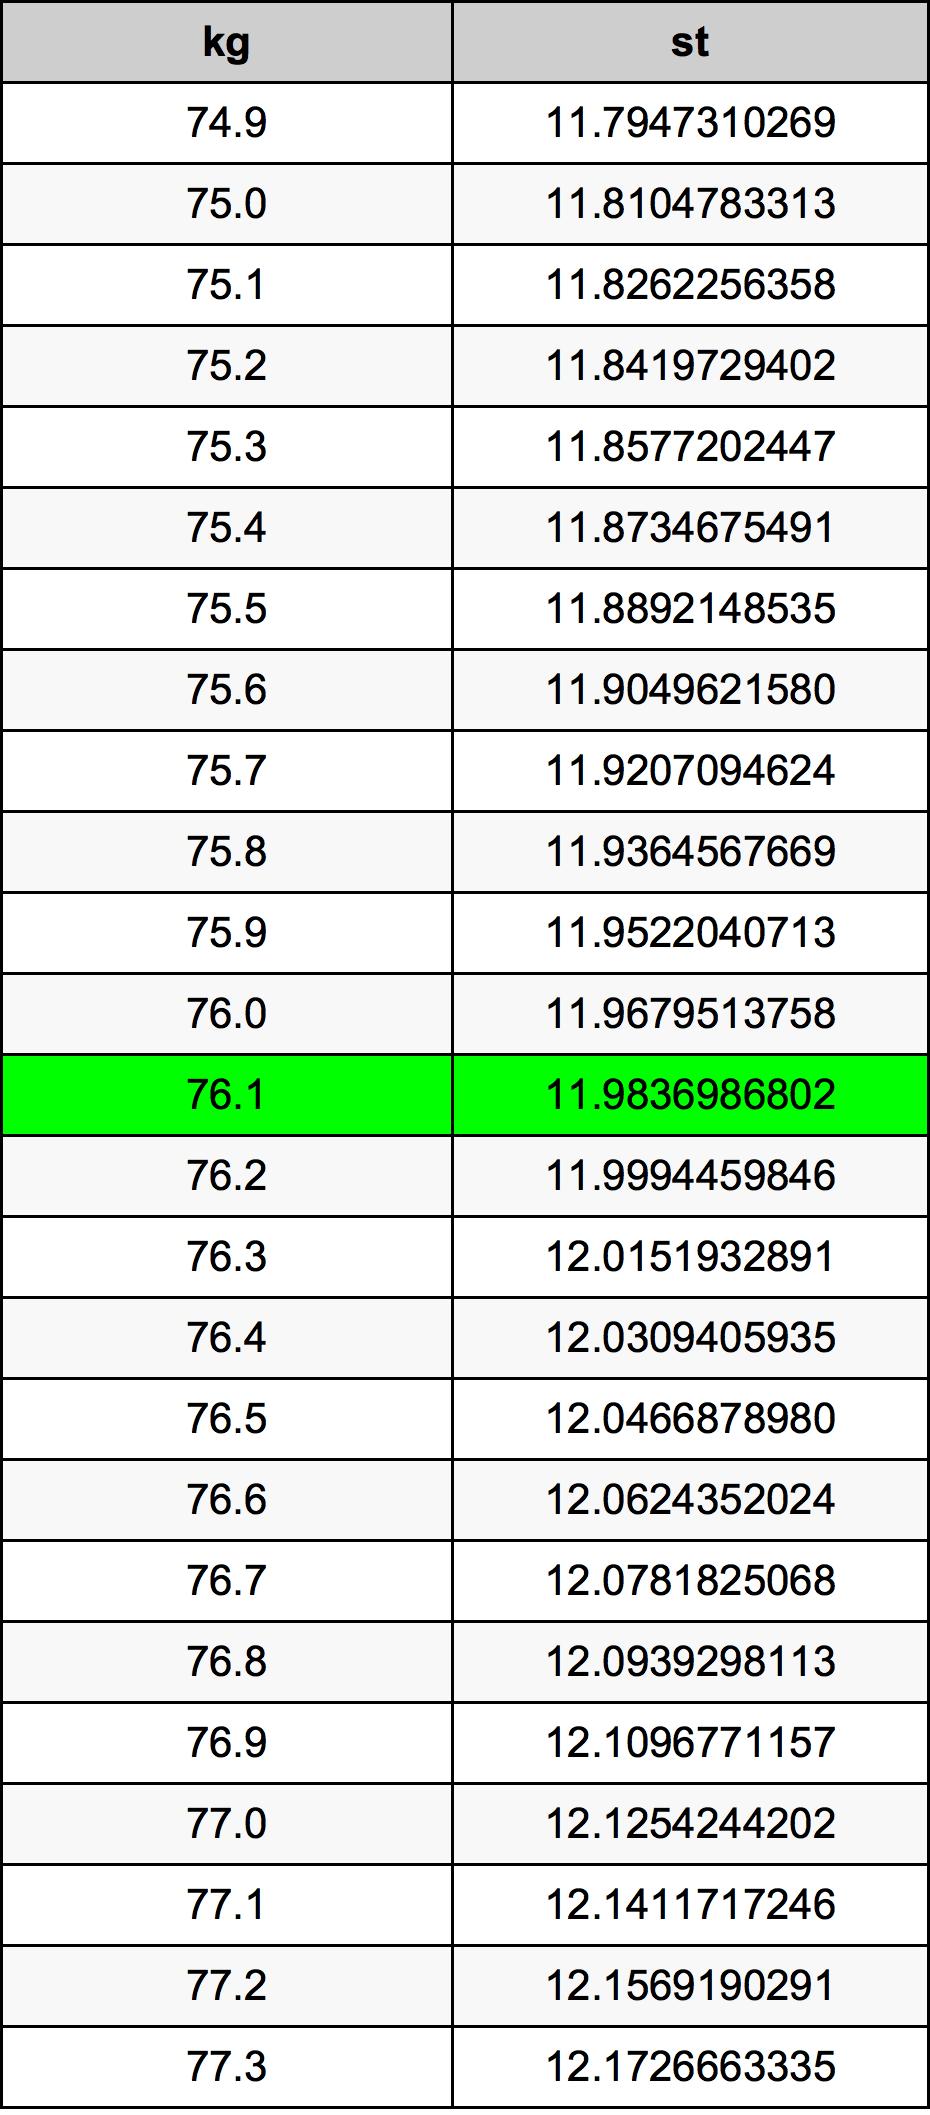 76.1 Kilogramo Tabla de conversión